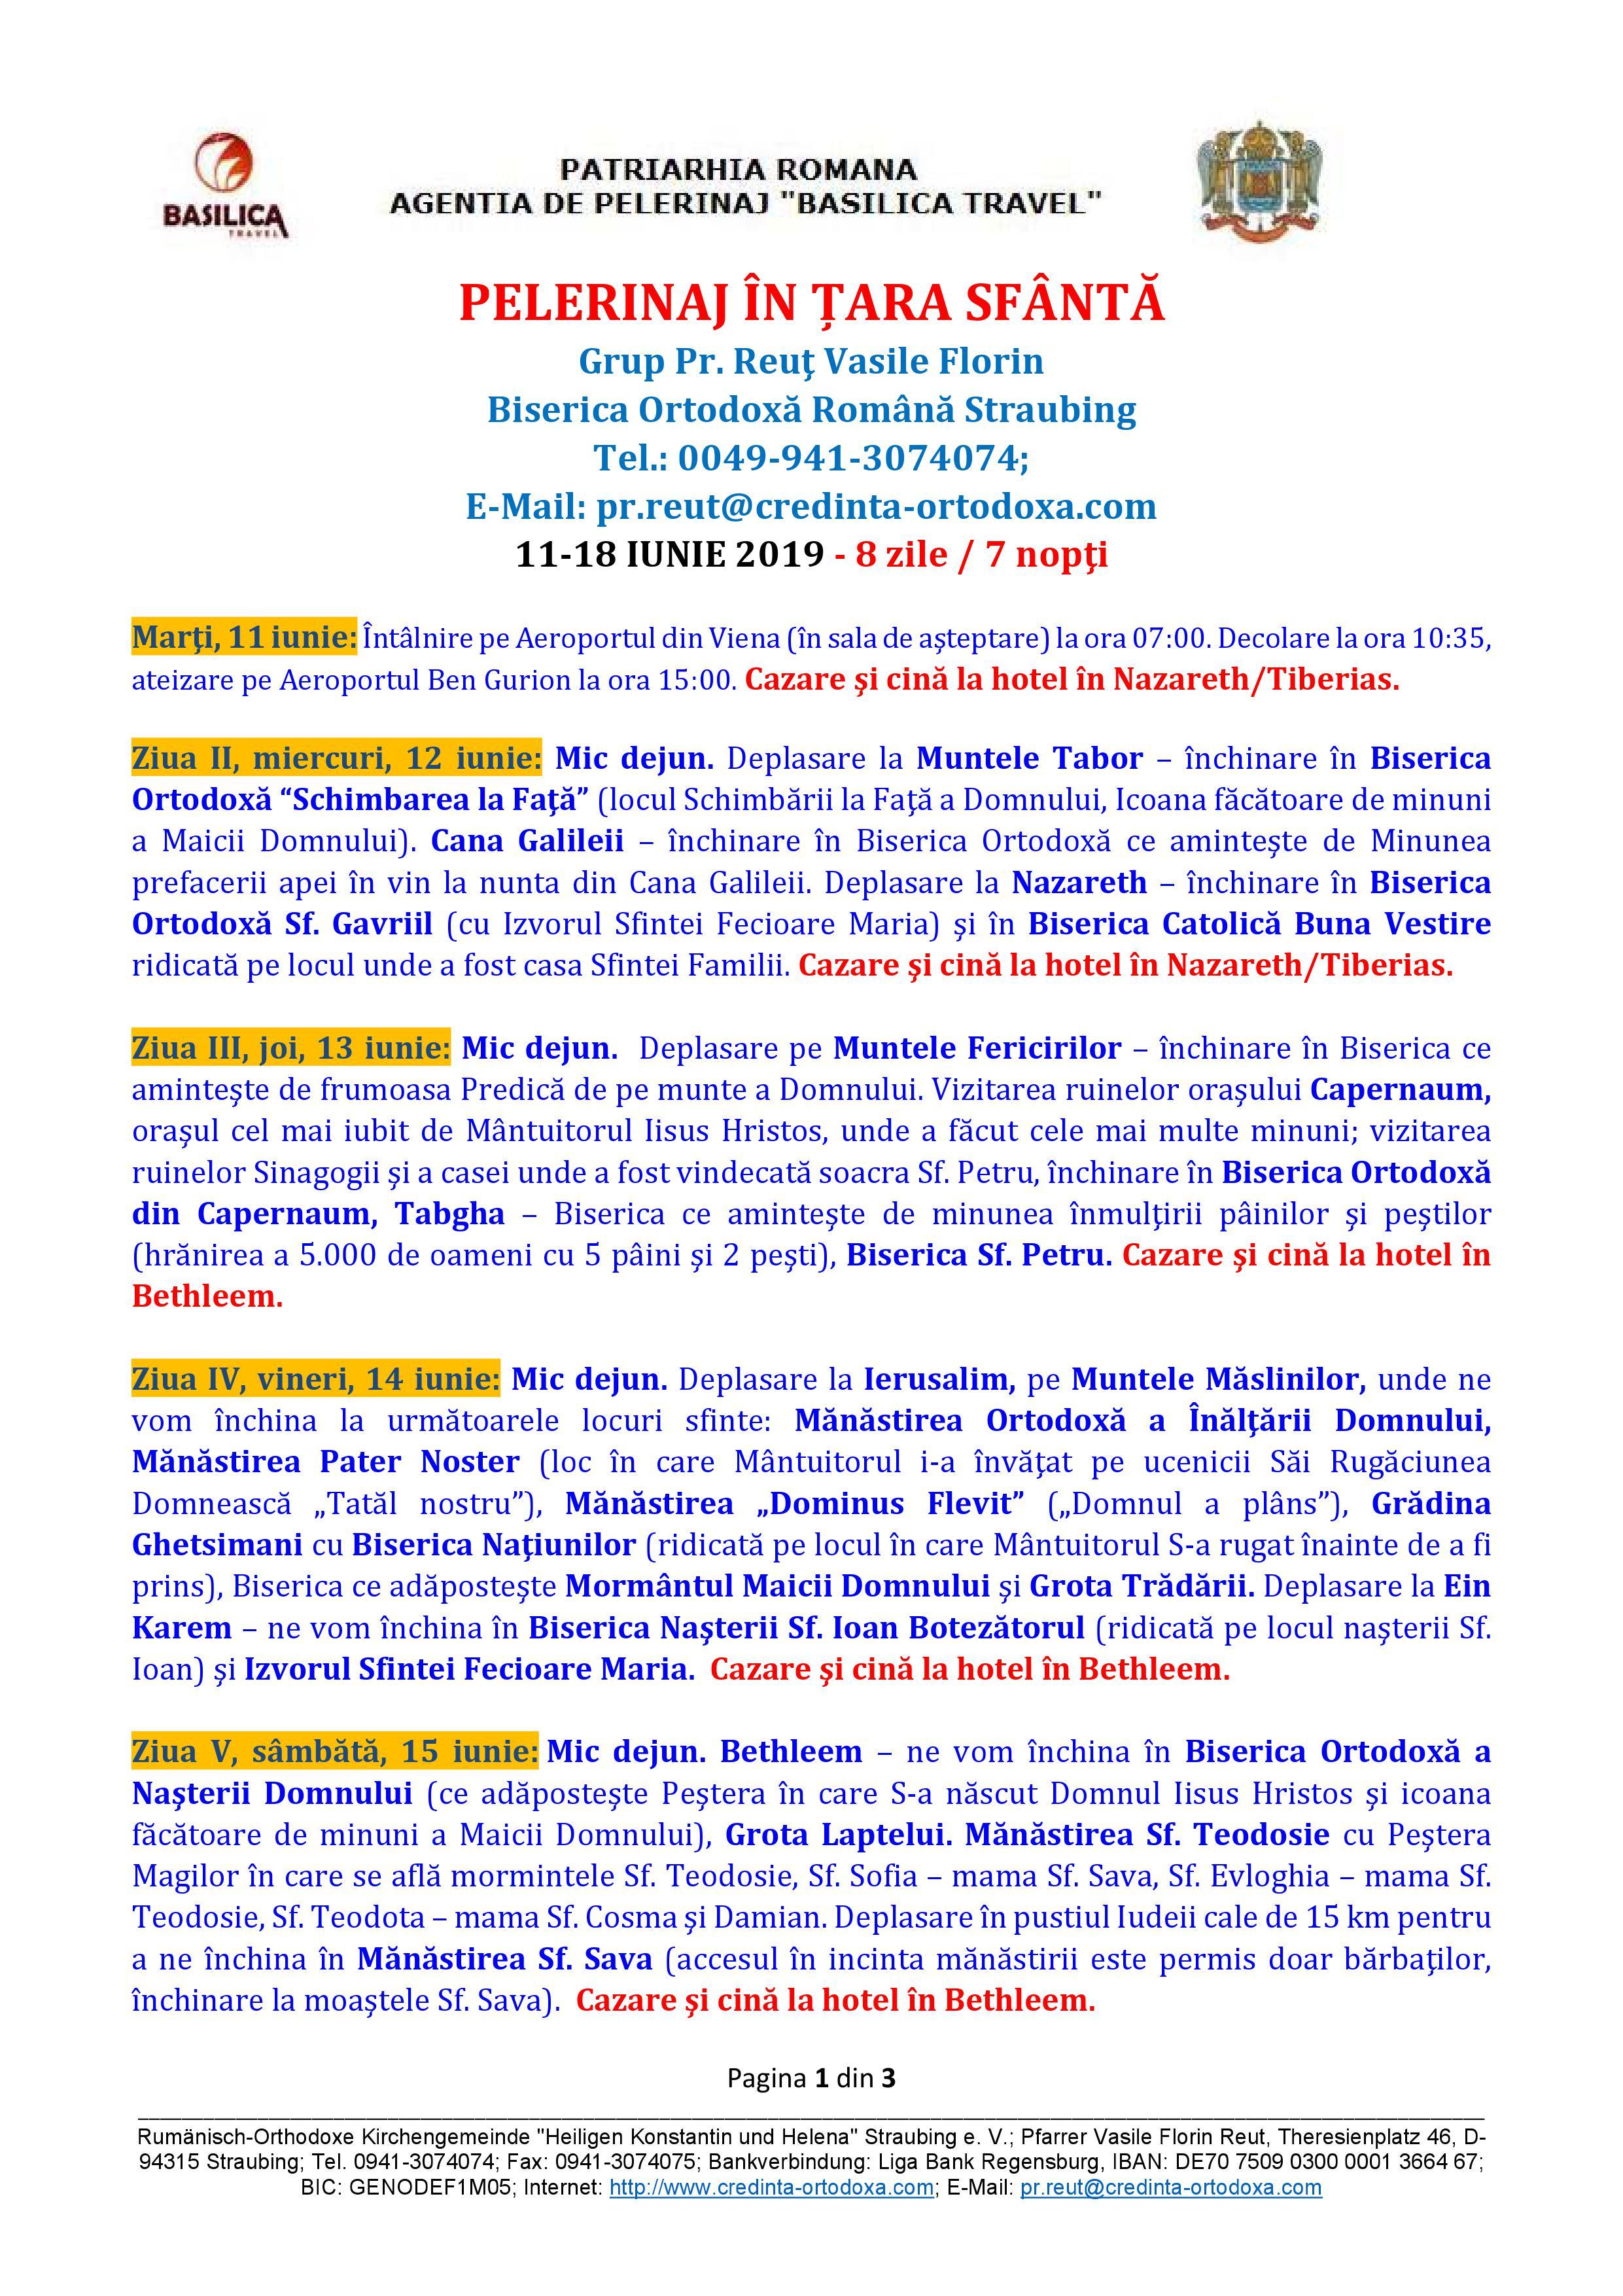 PELERINAJ ÎN ŢARA SFÂNTĂ în perioada 11-18 iunie 2019 organizat de Biserica Ortodoxă Română Straubing